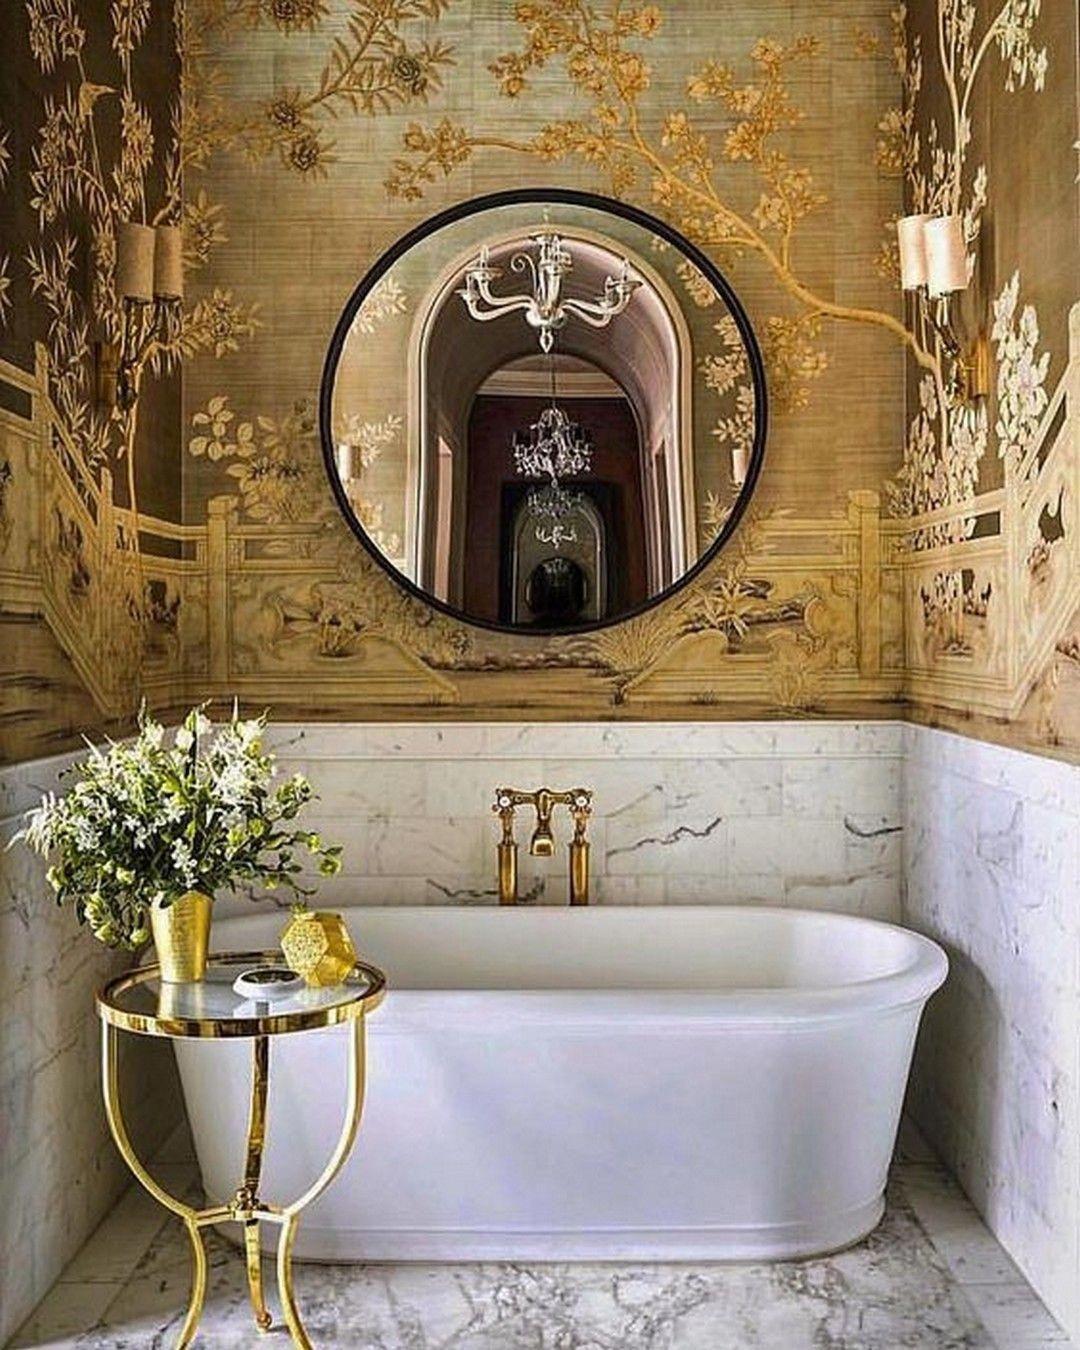 Bescheidene Und Elegante Spa Badezimmer Ideen Um In Ihrem Kleinen Badezimmer Zu Verbessern Badezimmer Beautiful Bathrooms Bathroom Design Bathroom Interior